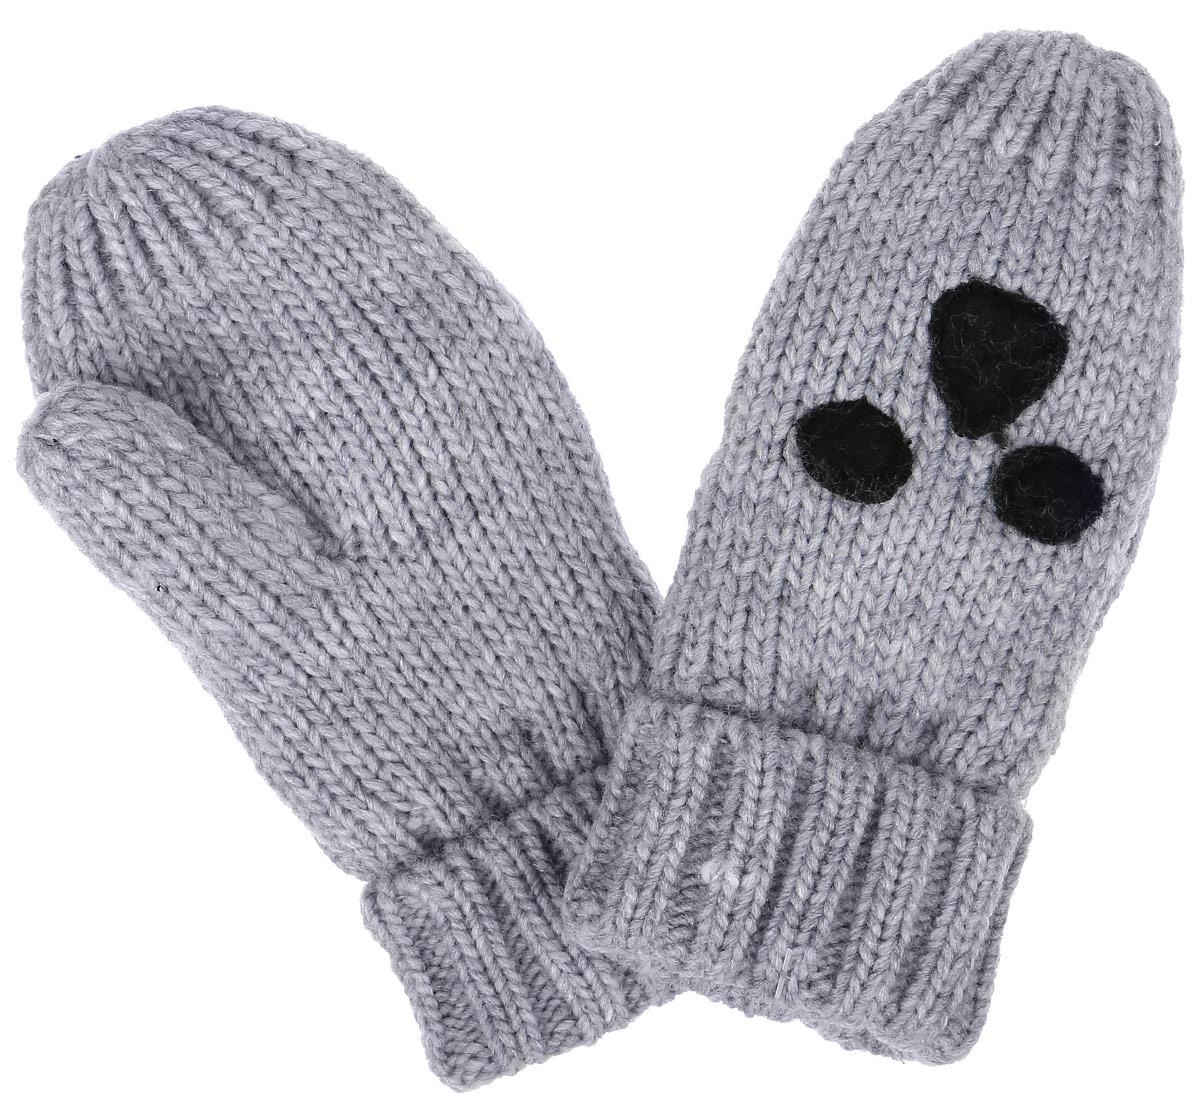 GL-743/052AO-6303Вязаные варежки для мальчика Sela идеально подойдут для прогулок в прохладную погоду. Изготовленные из акрила и полиэстера, они максимально сохраняют тепло, мягкие и приятные на ощупь, идеально сидят на руке. Модель дополнена широкими эластичными манжетами, не стягивающими запястья и надежно фиксирующими их на руках ребенка. Изделие украшено аппликацией. В таких варежках ваш ребенок будет чувствовать себя тепло, уютно и комфортно.